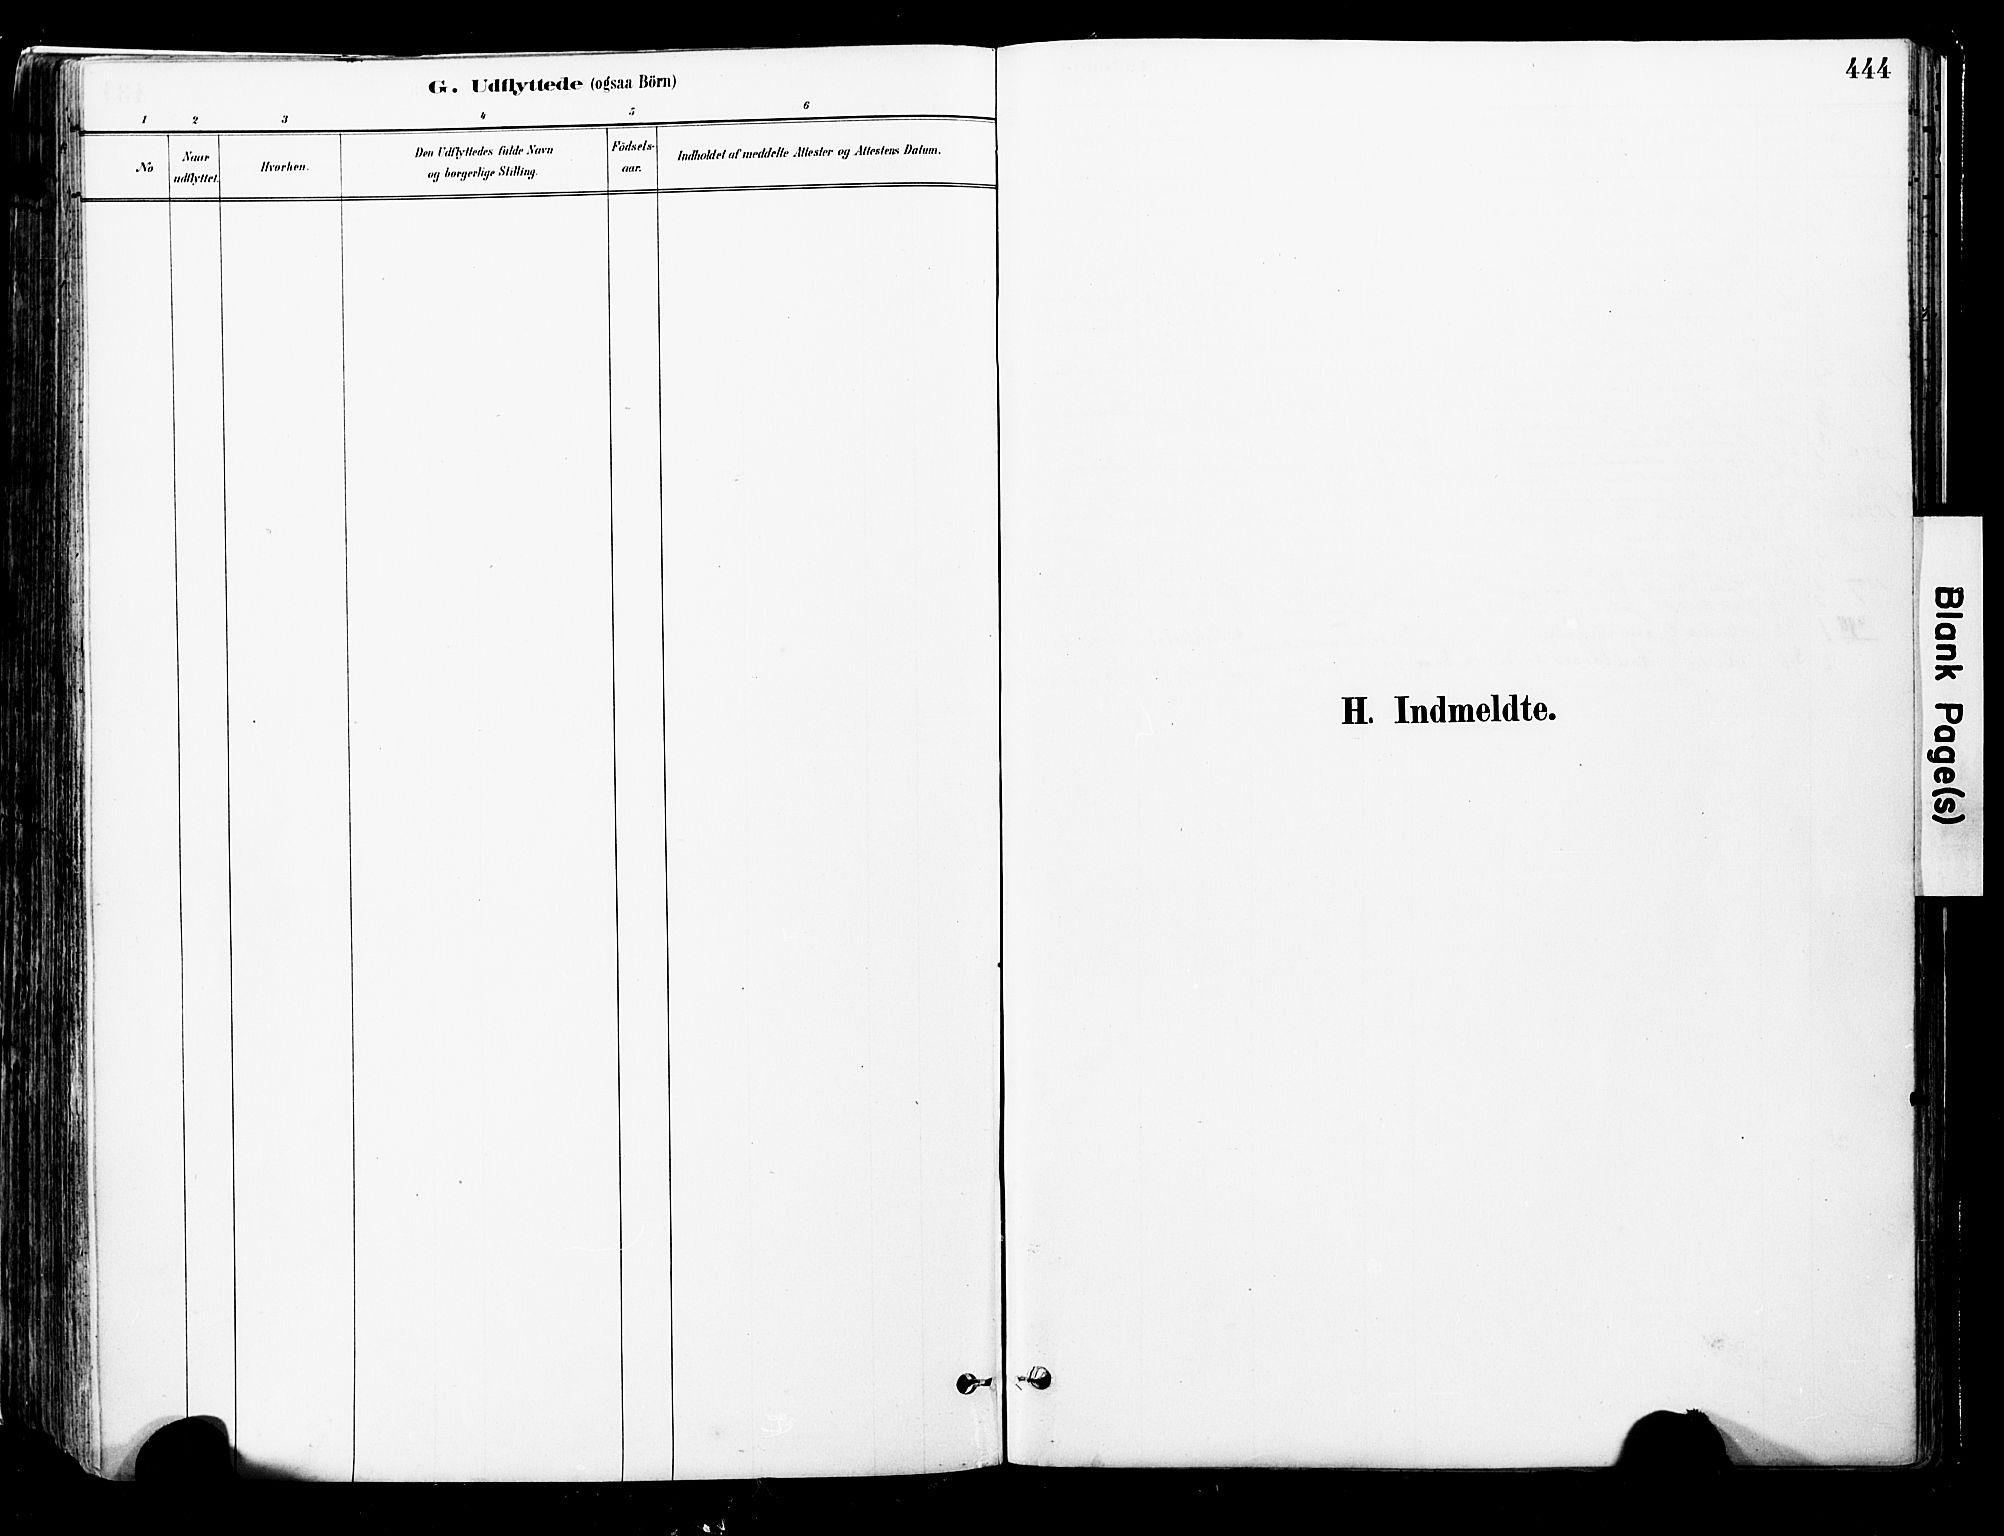 SAT, Ministerialprotokoller, klokkerbøker og fødselsregistre - Nord-Trøndelag, 723/L0244: Ministerialbok nr. 723A13, 1881-1899, s. 444